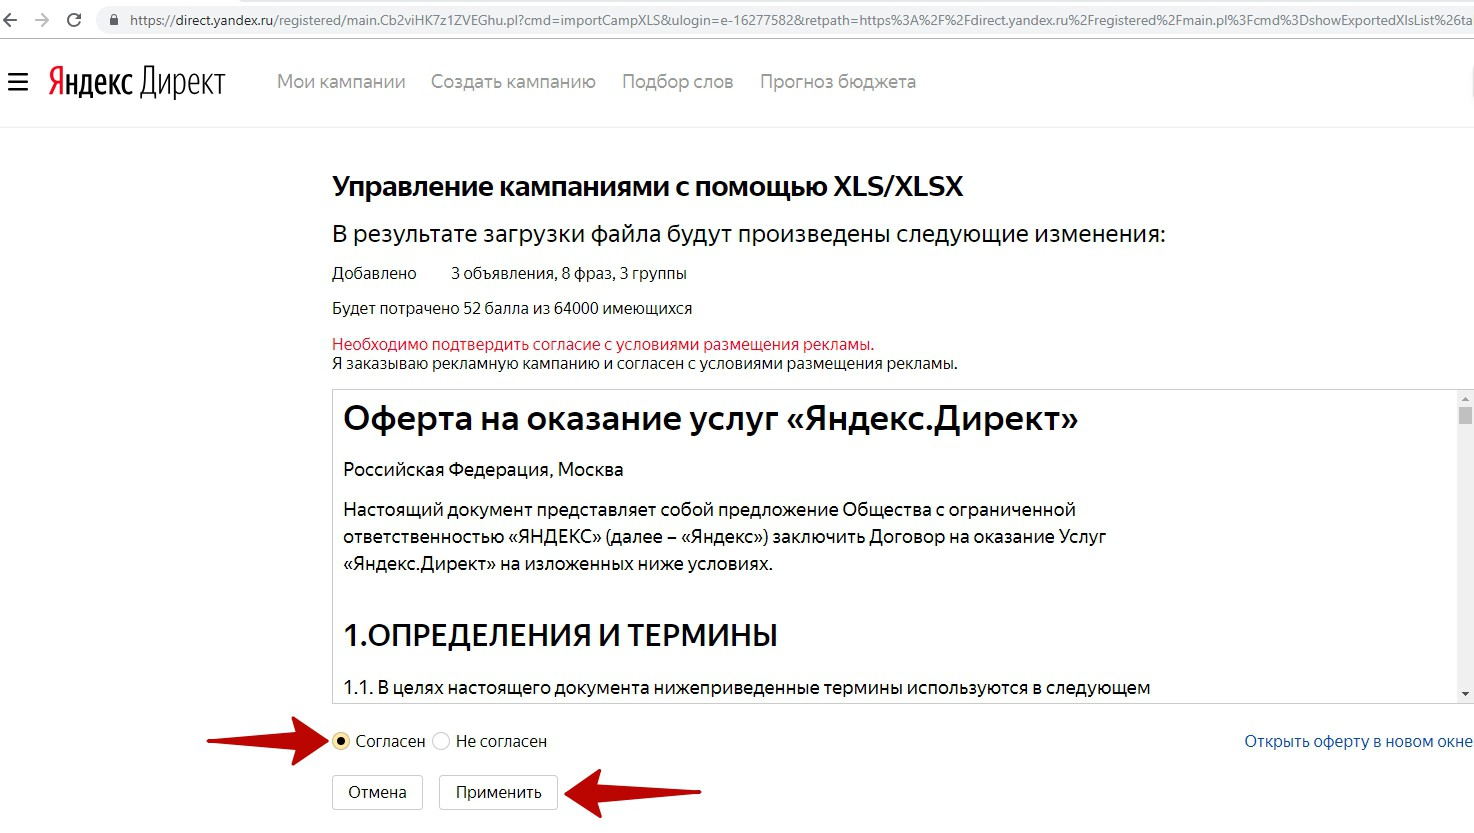 Реклама на поиске Яндекса – согласие с офертой Яндекса